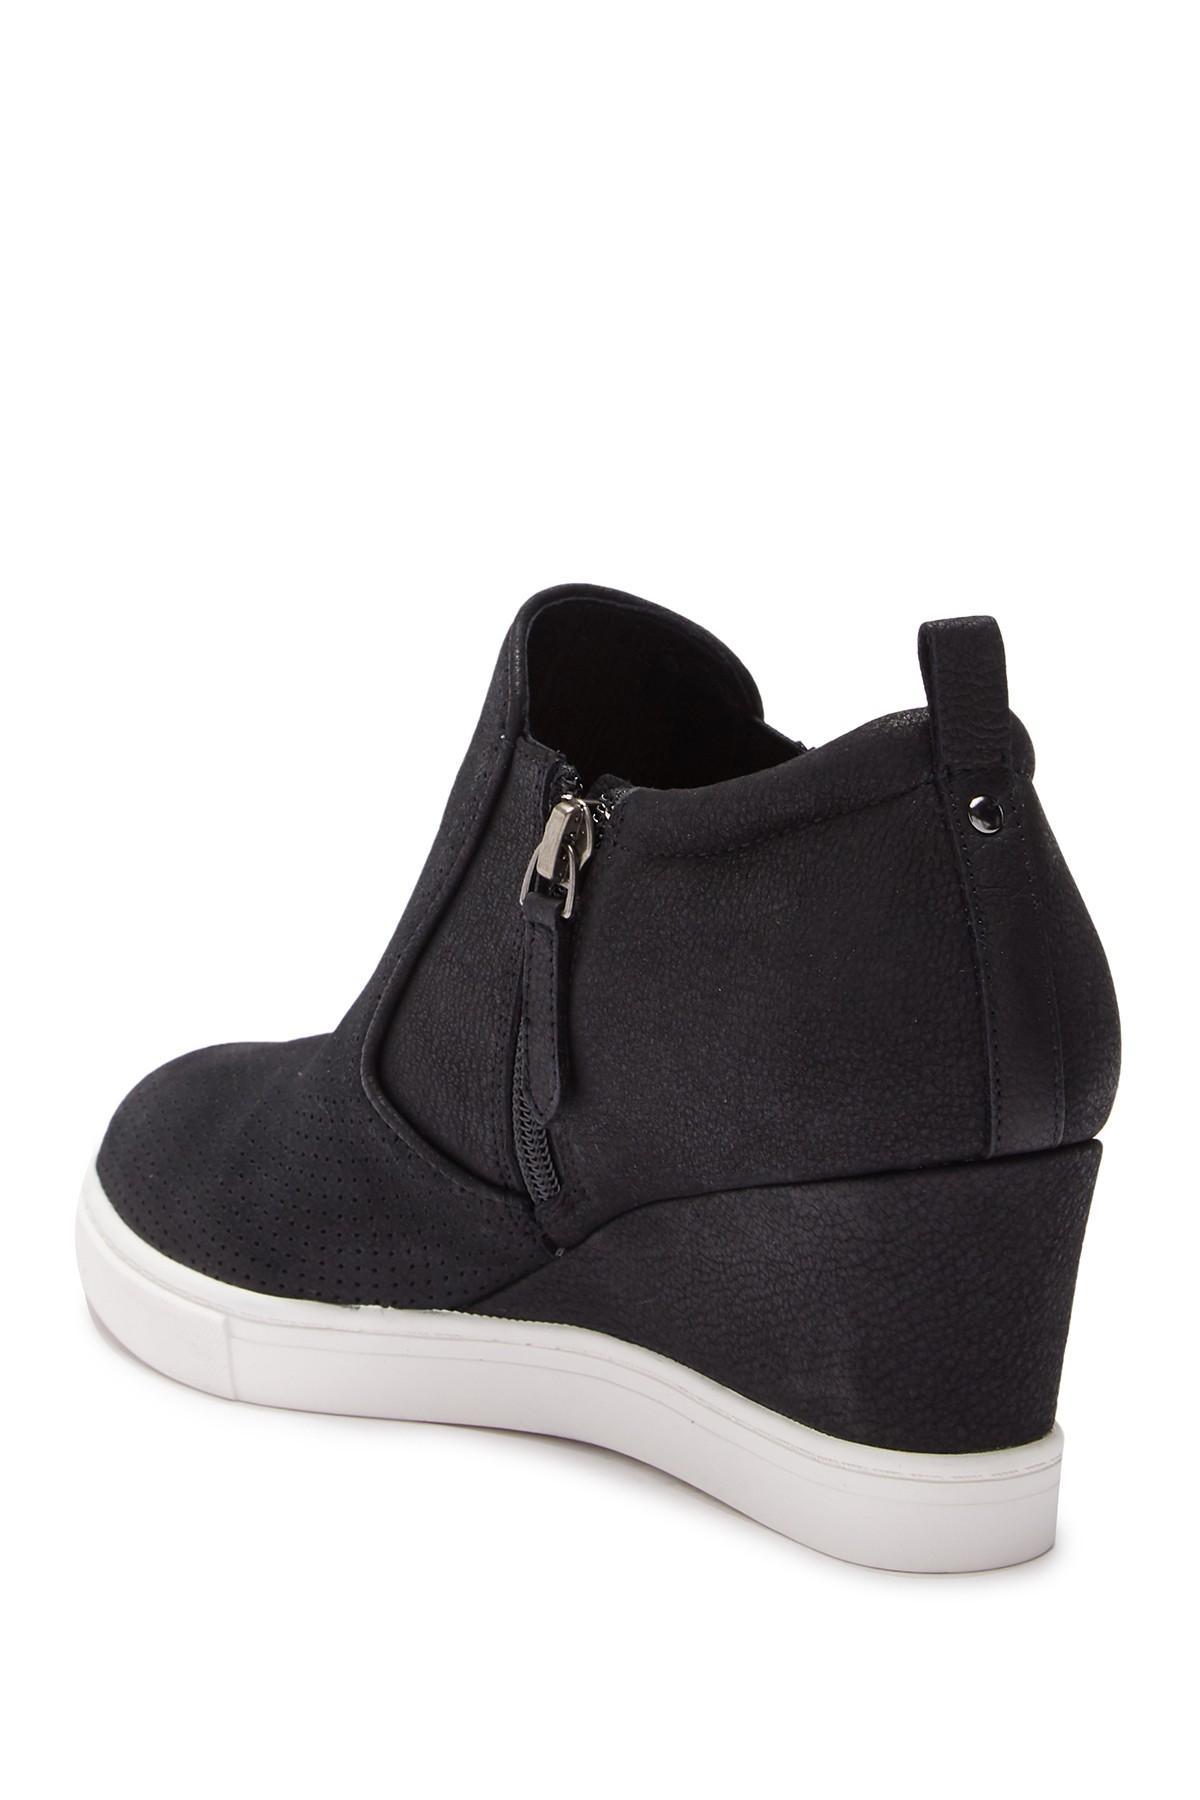 Caslon Aiden Wedge Sneaker in Black - Lyst